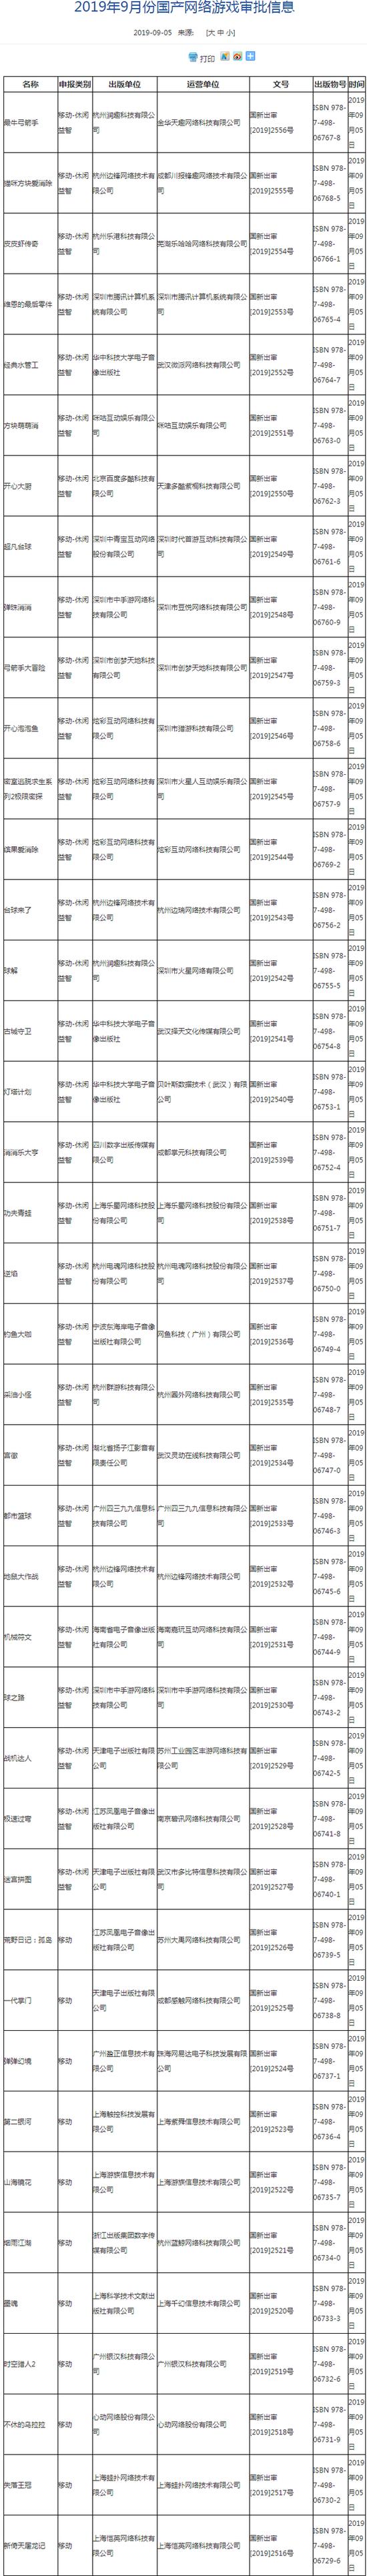 新一批国产游戏版号下发:腾讯、游族网络在列